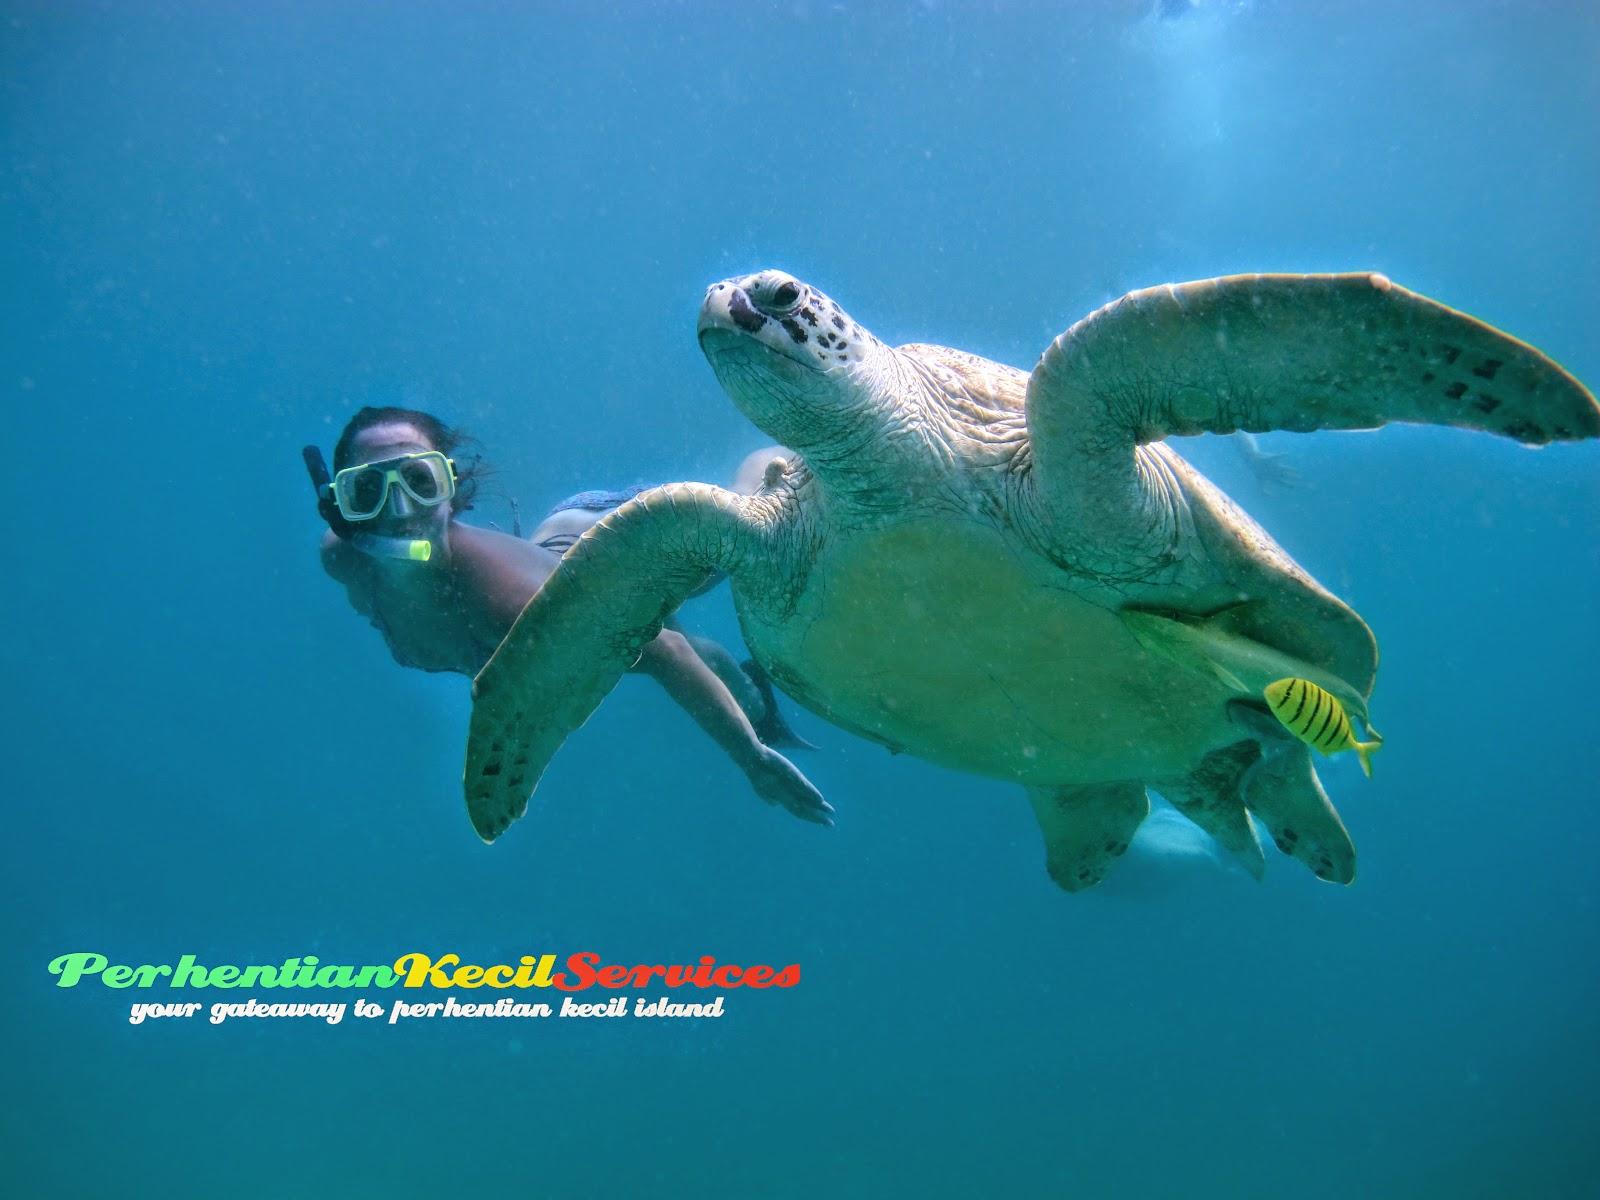 Jom snorkeling di Pulau Perhentian Kecil